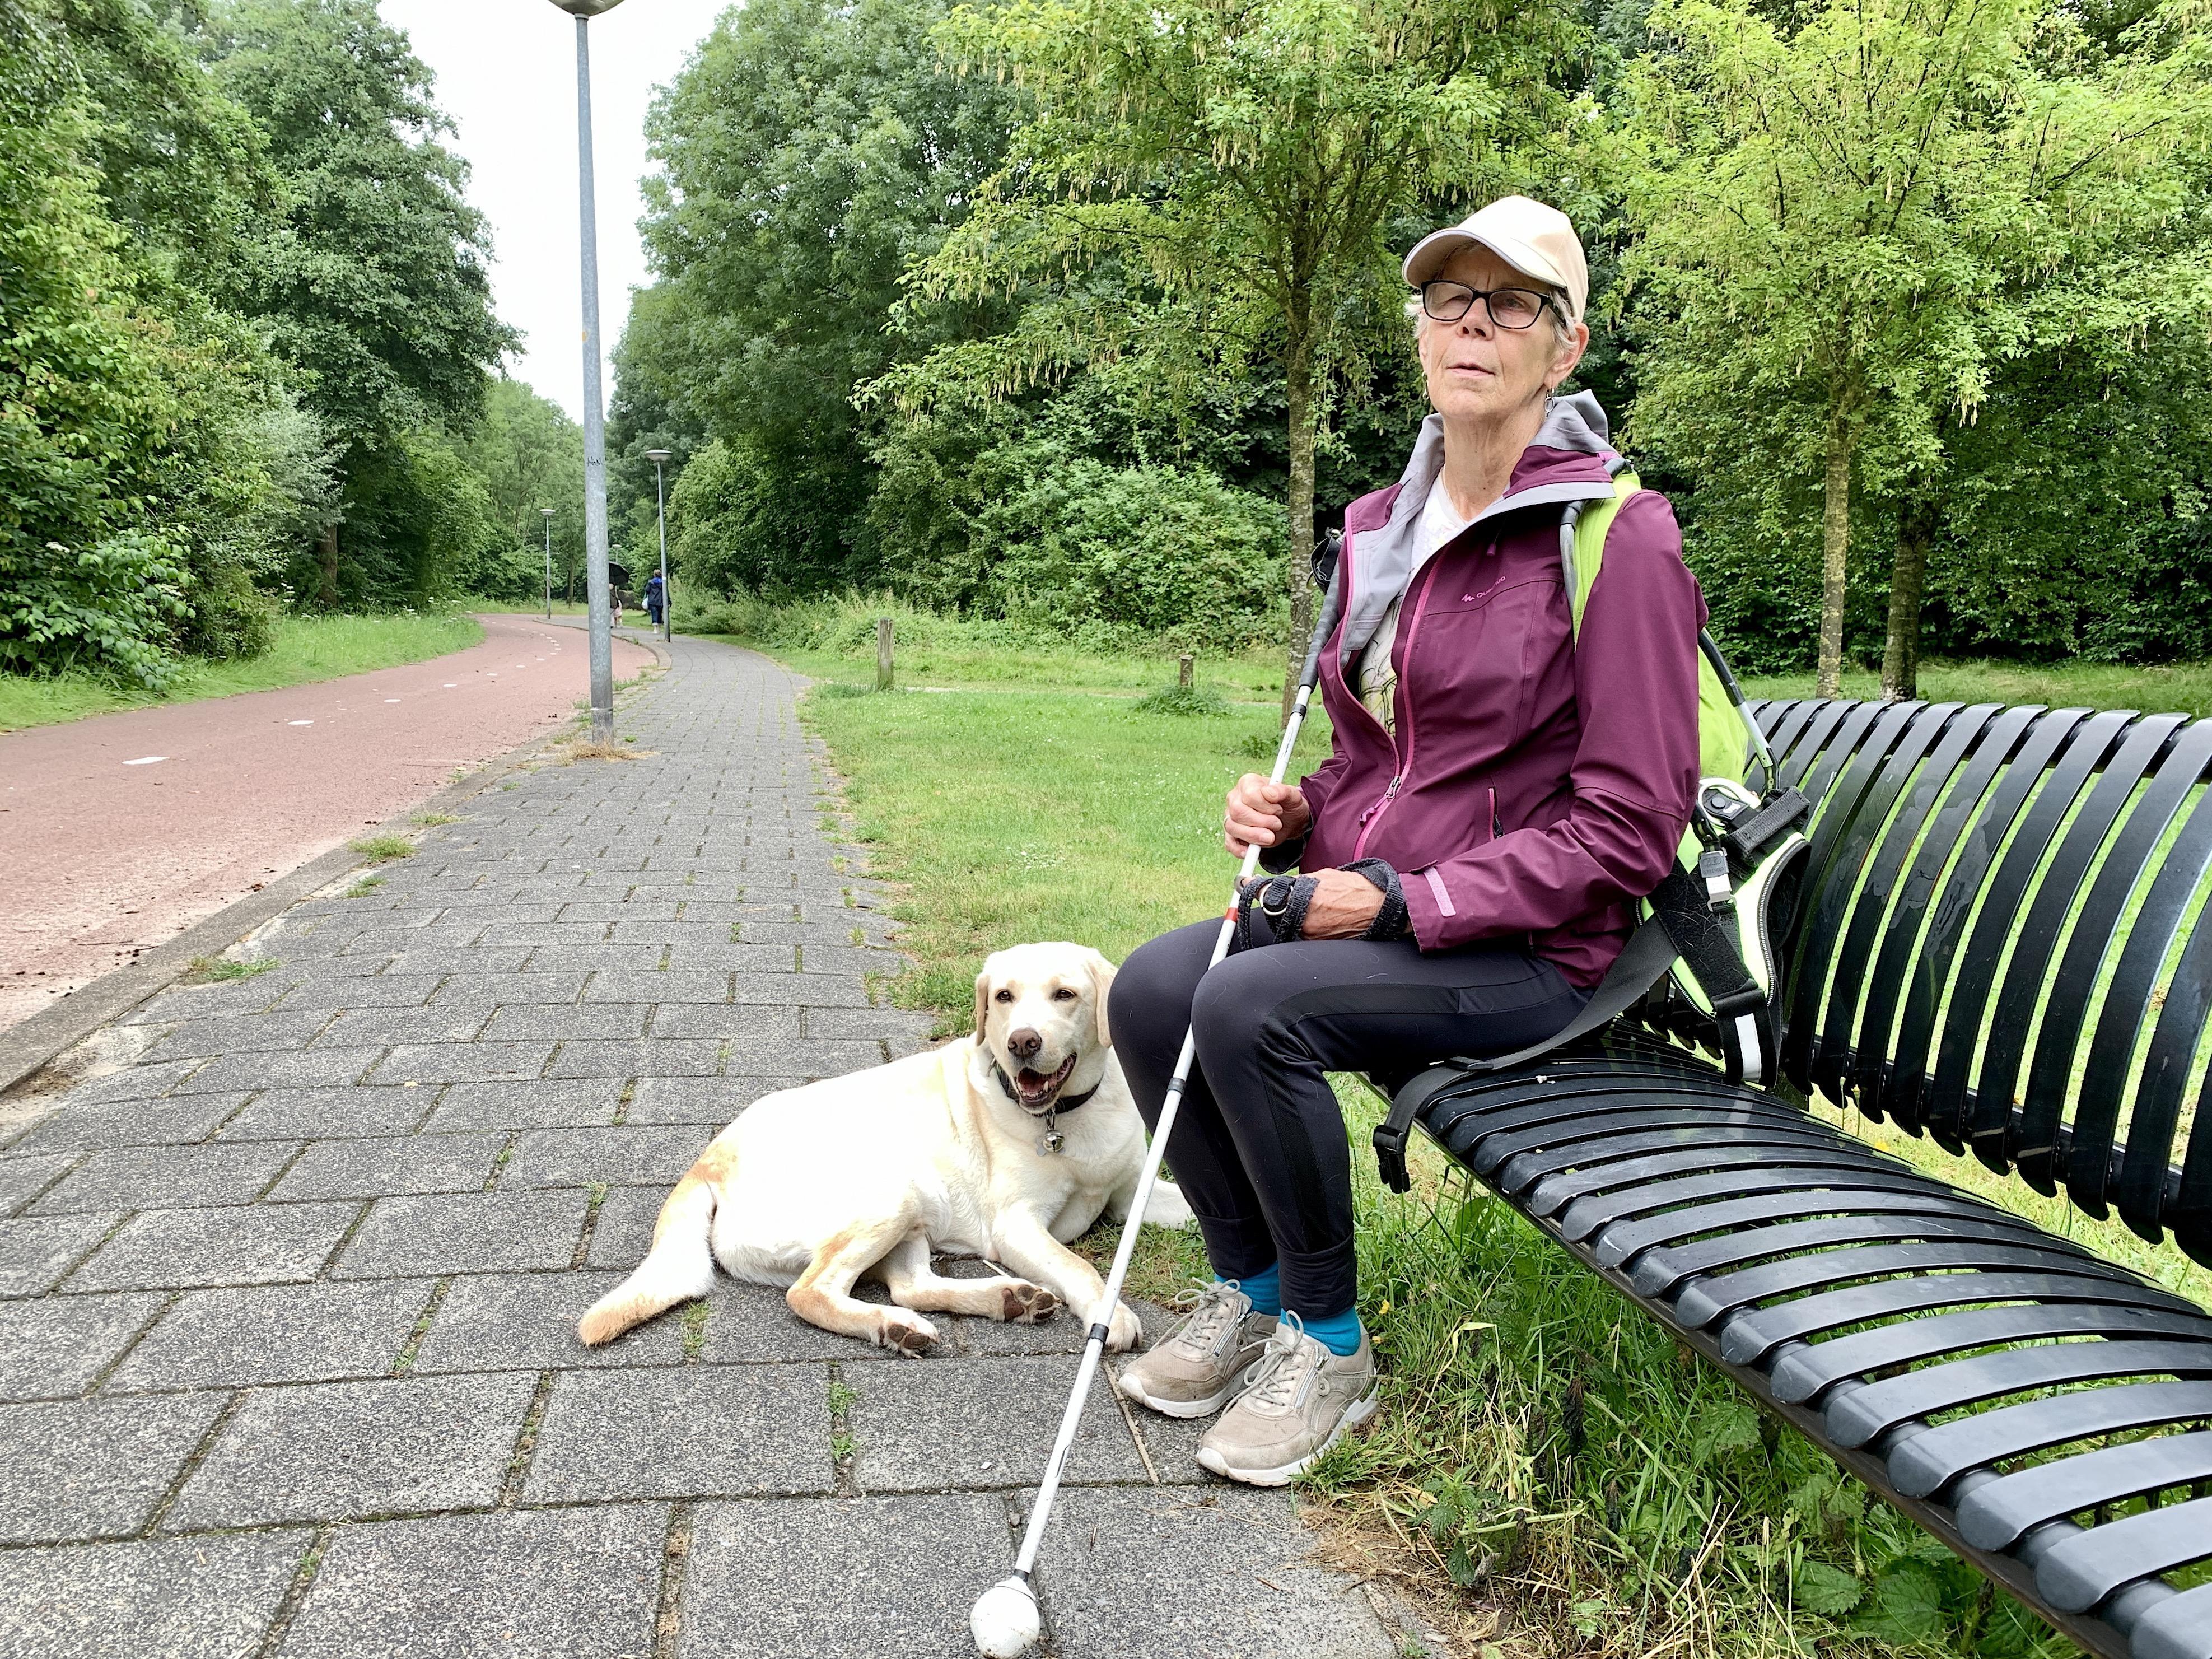 'Kwaad of gefrustreerd? Nooit last van gehad. Hooguit wat irritatie'. Aldus Toos (74) uit Alkmaar die een zichtvermogen van slechts drie procent heeft.